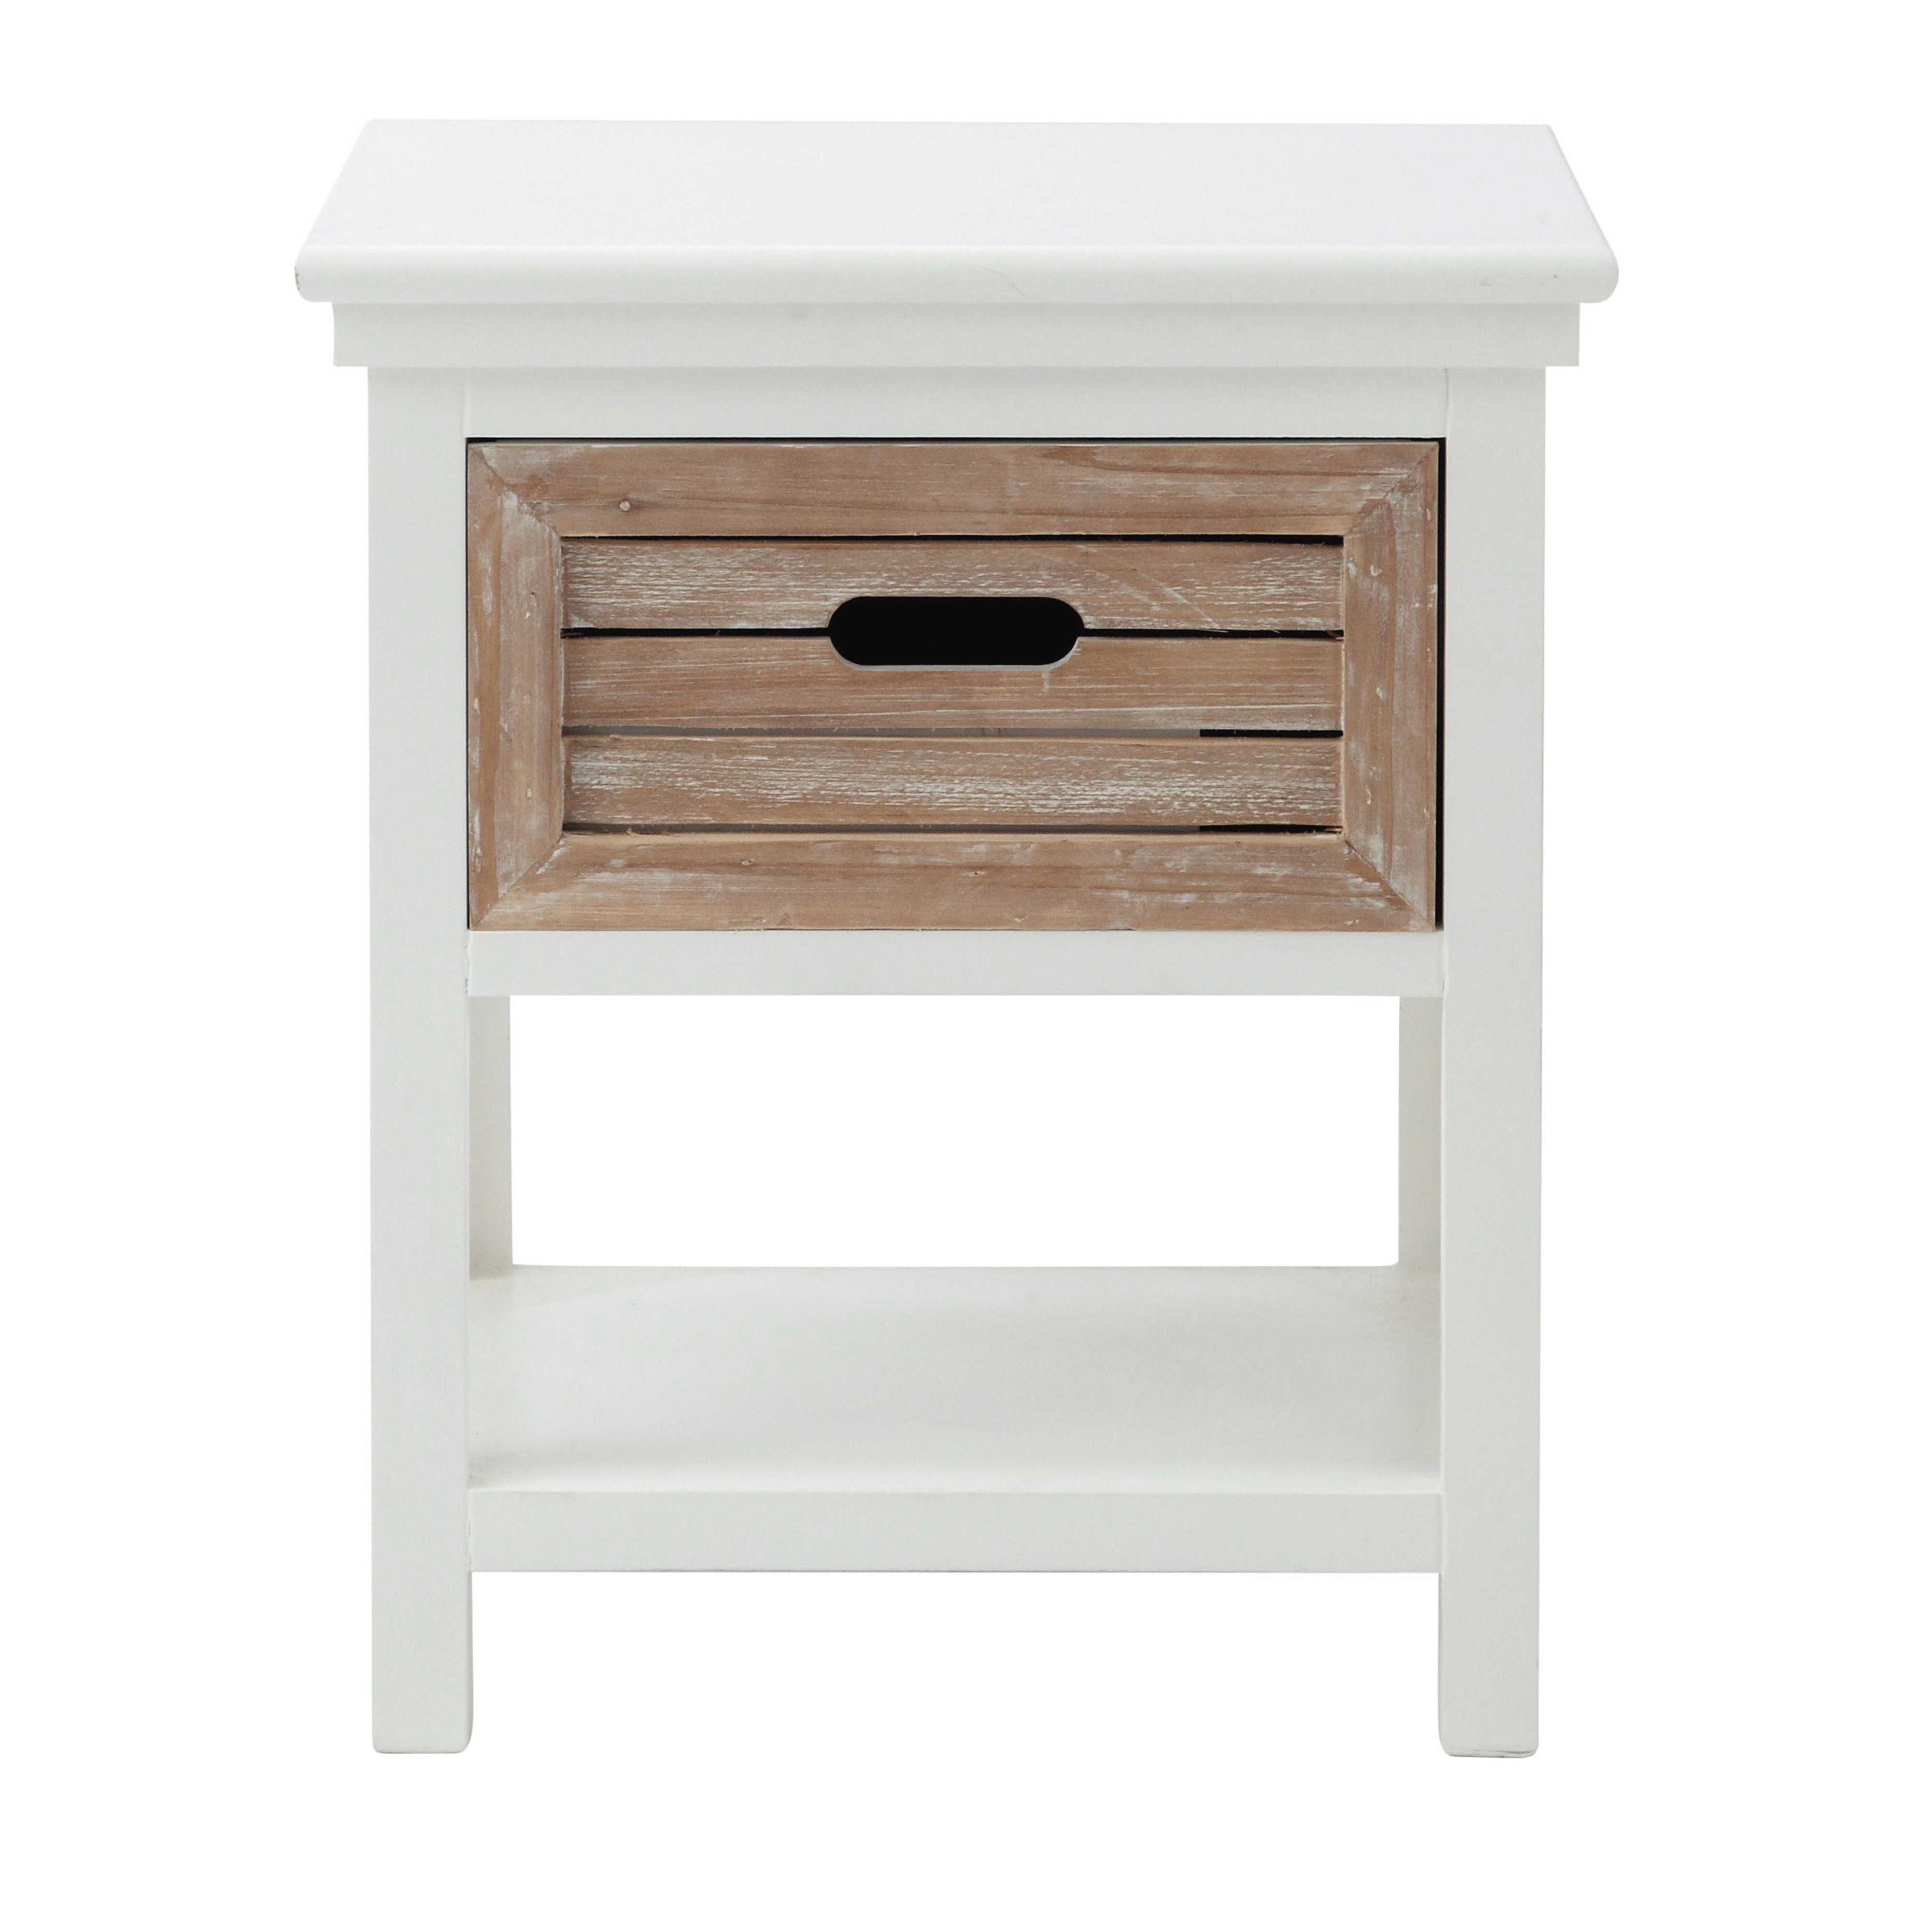 table de chevet avec tiroir en bois blanche l 40 cm ouessant